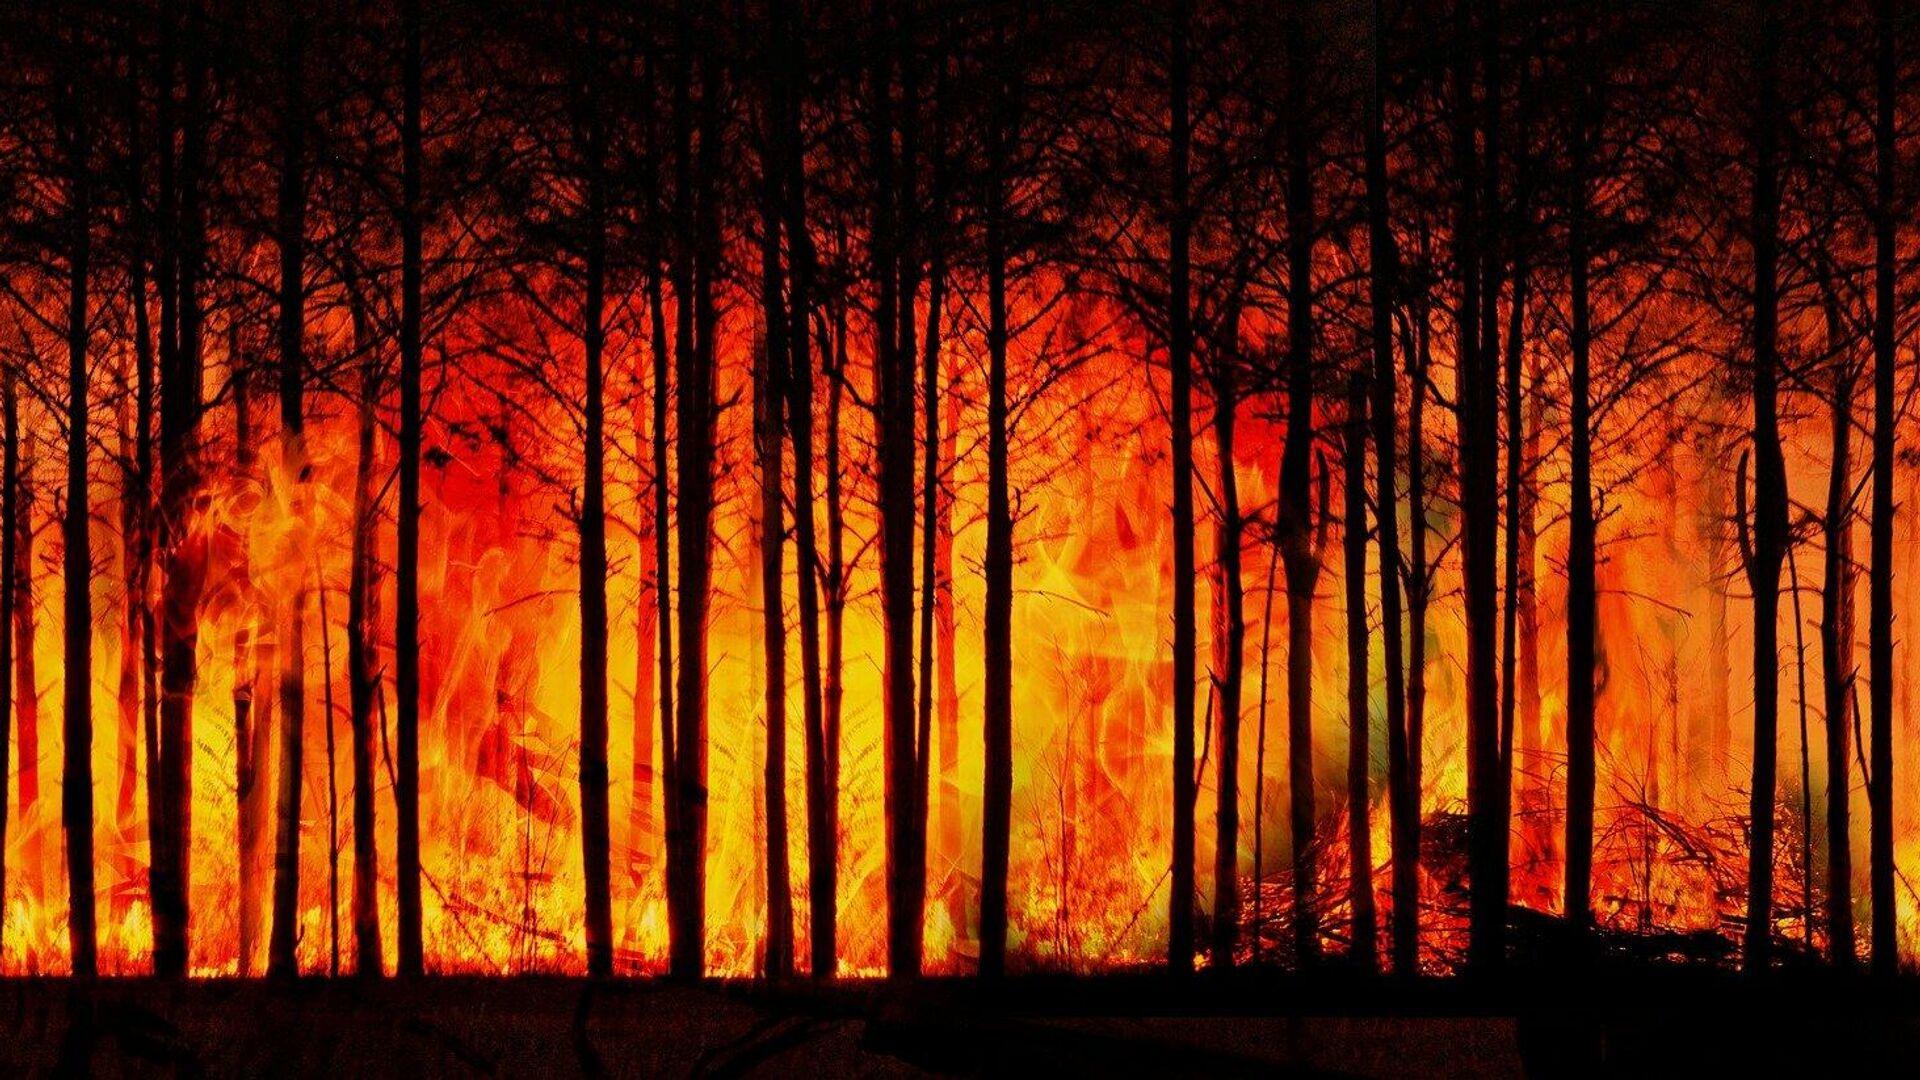 Incendios de 6ª Generación, un nuevo horizonte ecosistémico - Sputnik Mundo, 1920, 17.09.2021